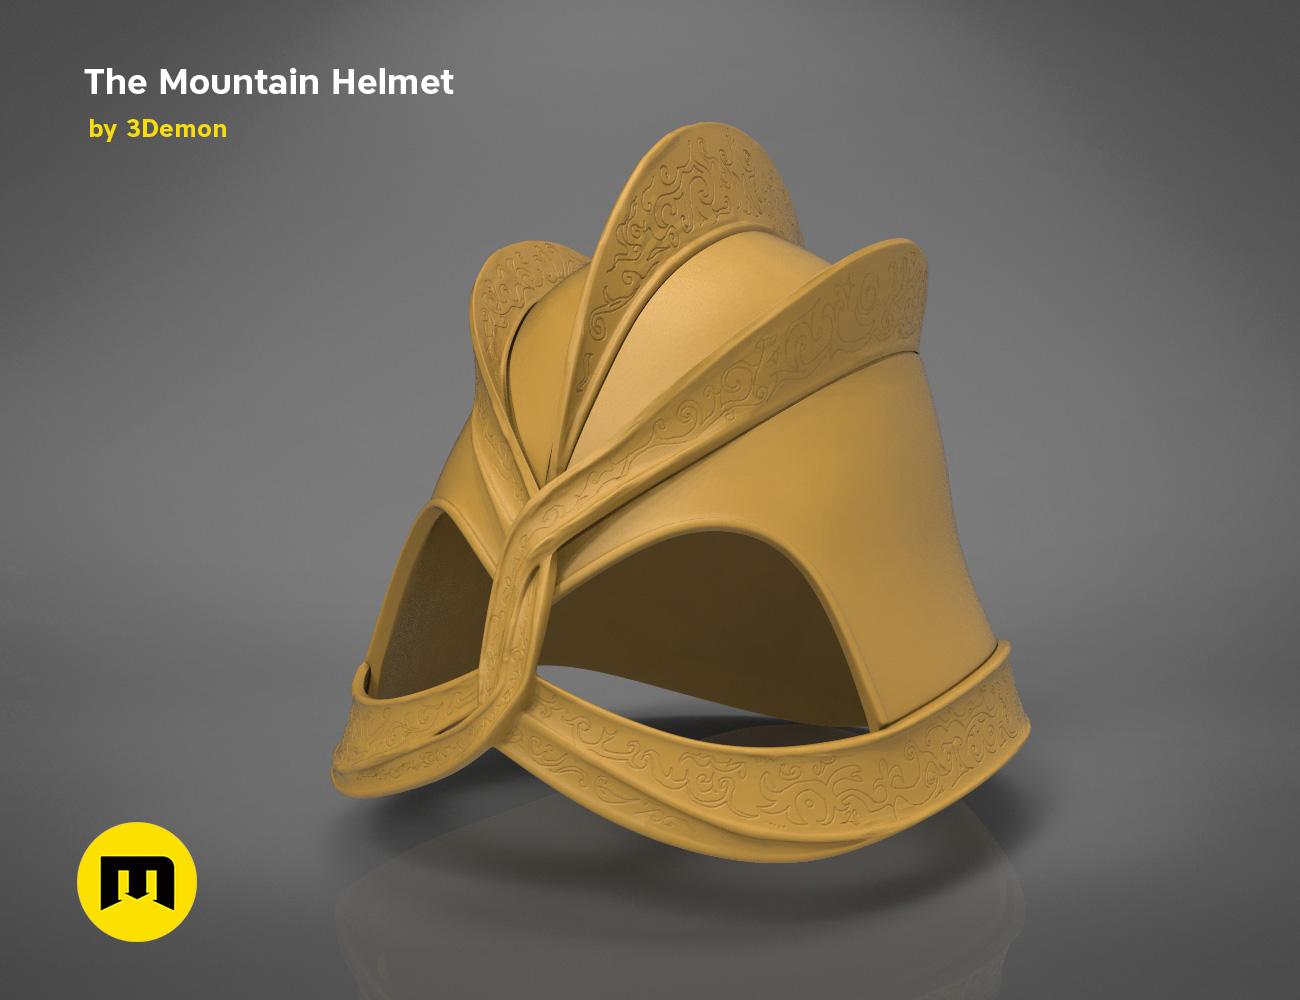 GoT-mountain-helmet-basic.635.jpg Download STL file The Mountain Helmet – Game of Thrones • 3D printing model, 3D-mon